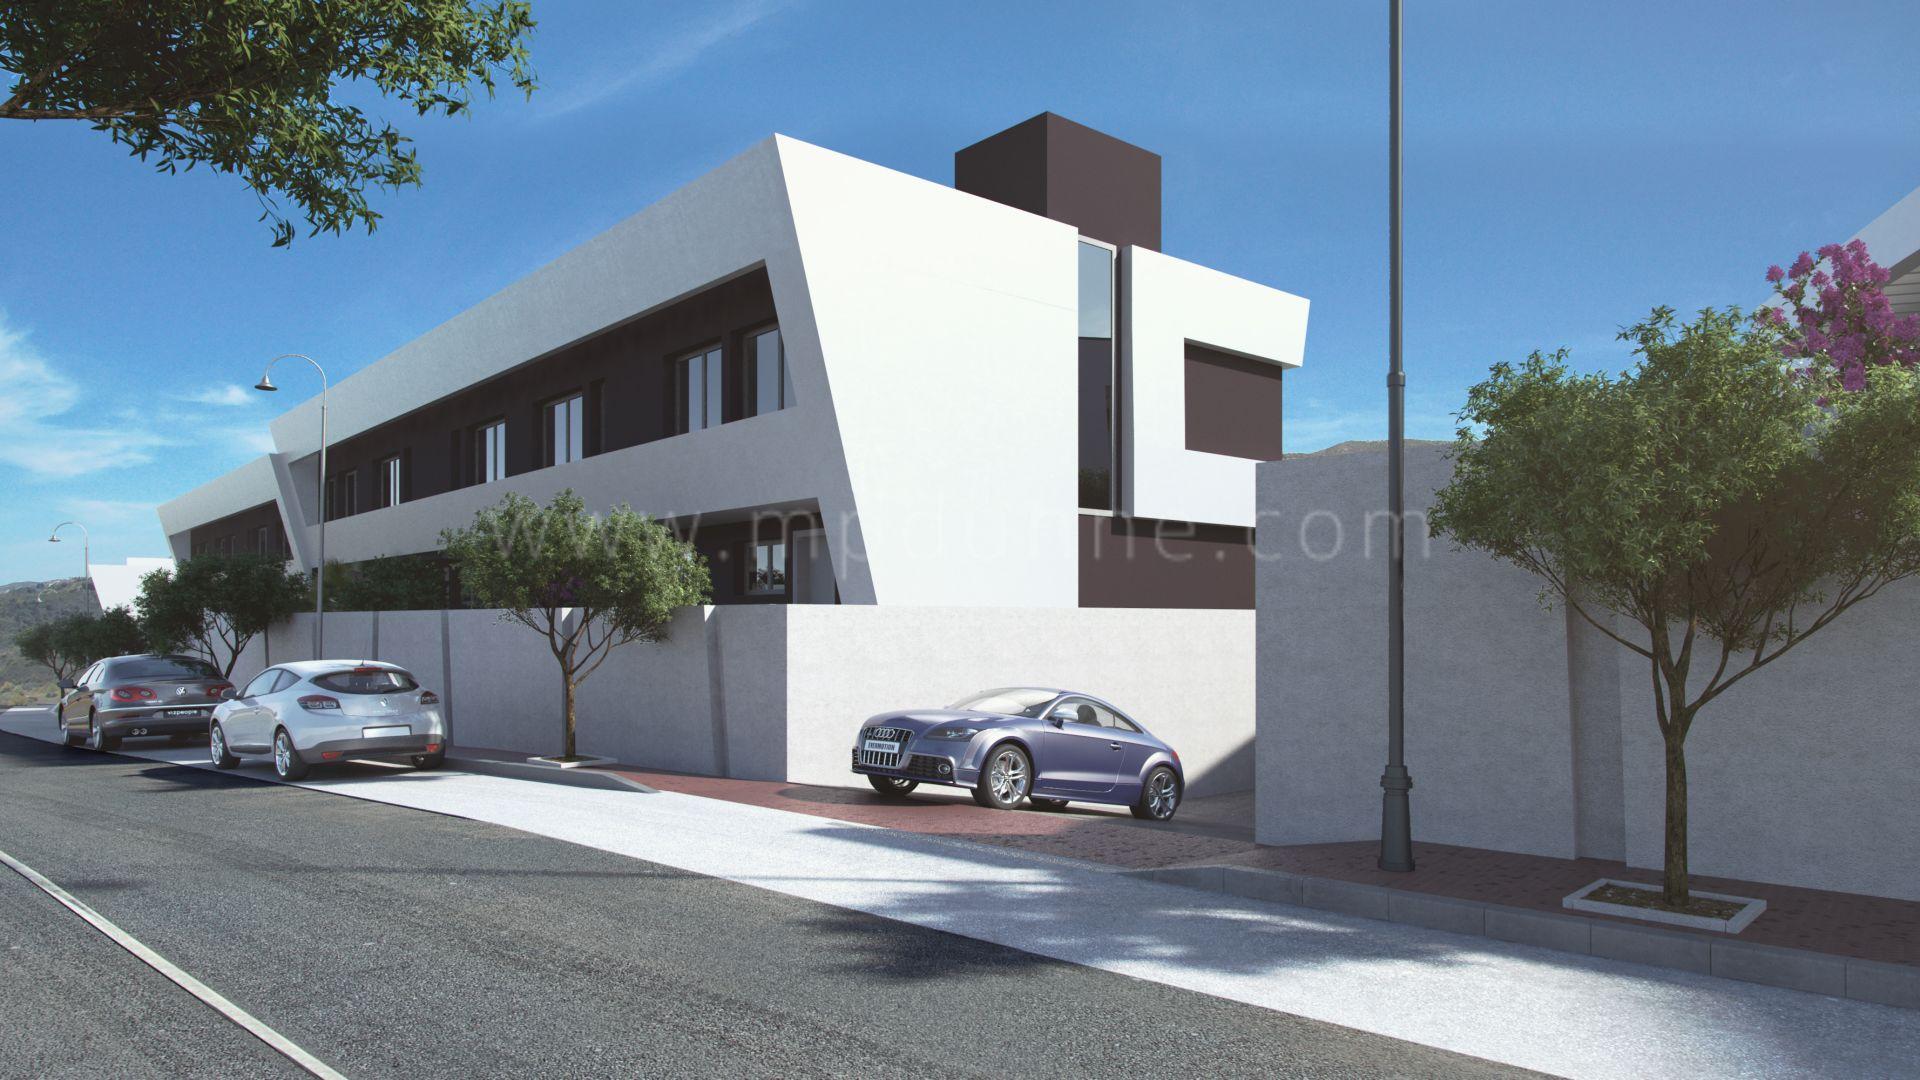 La valvega de la cala nouveau d veloppement hors plan de for Plans de maison de style nouveau